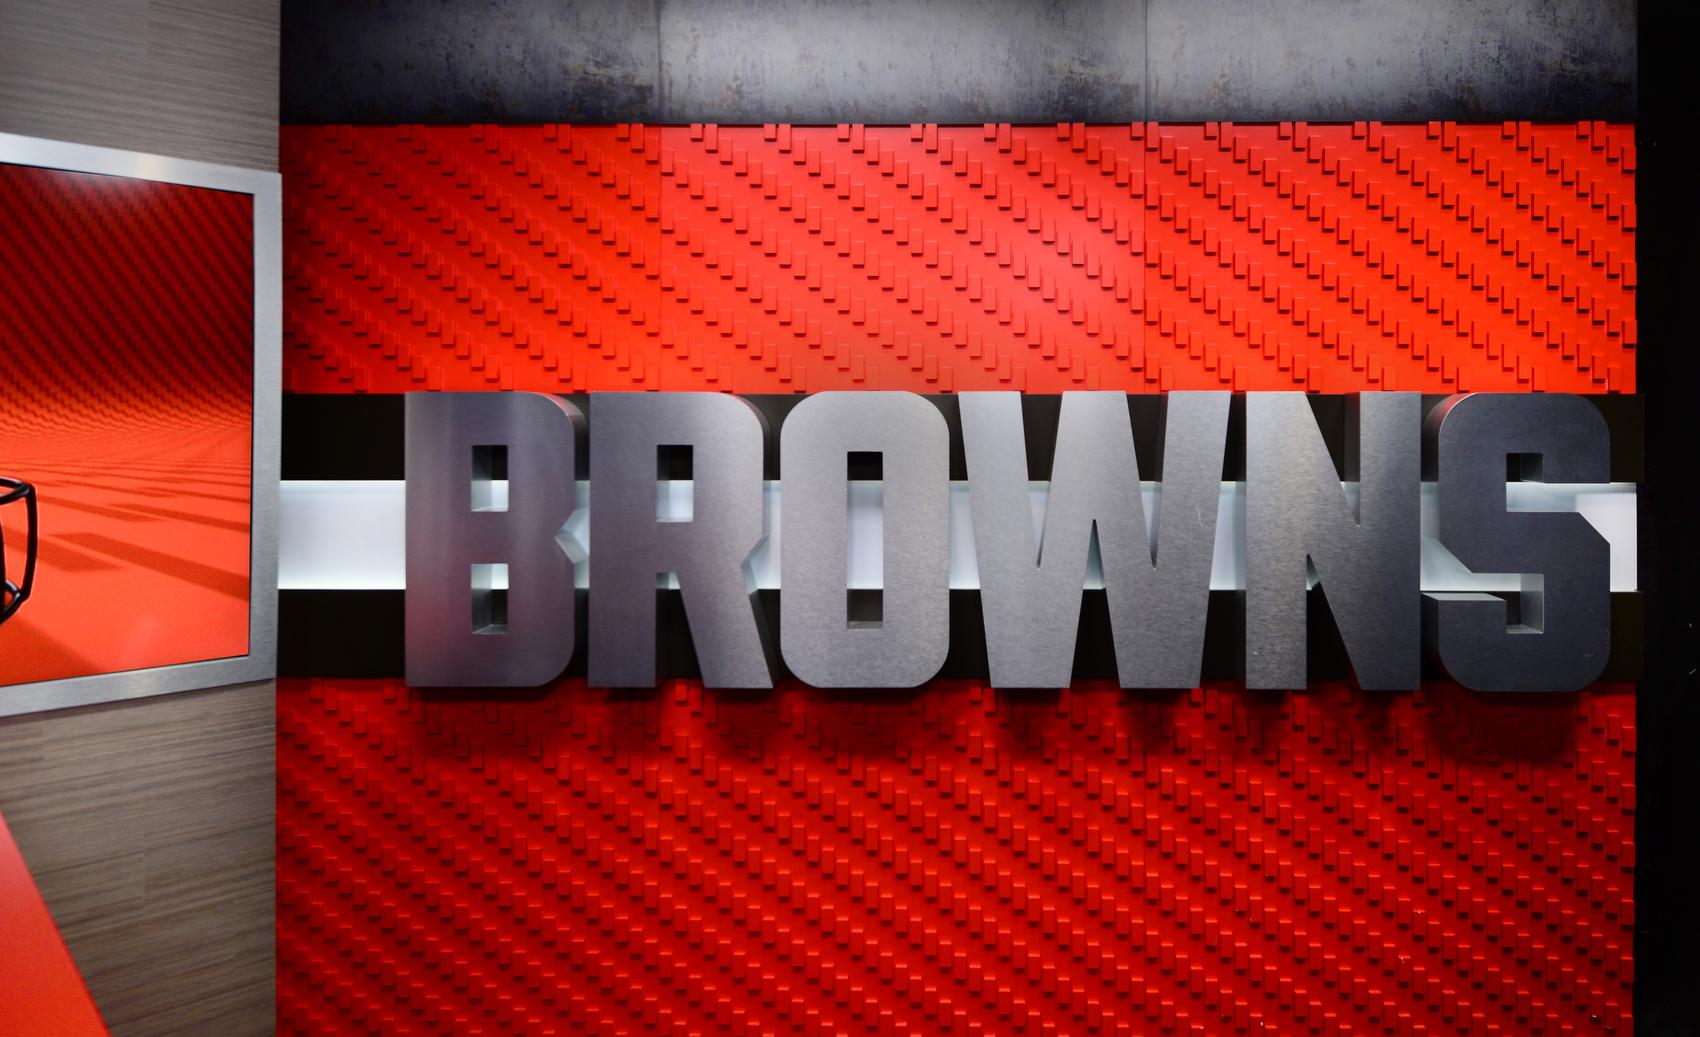 NCS_NFL_Cleveland-Browns_TV-Studio_0004